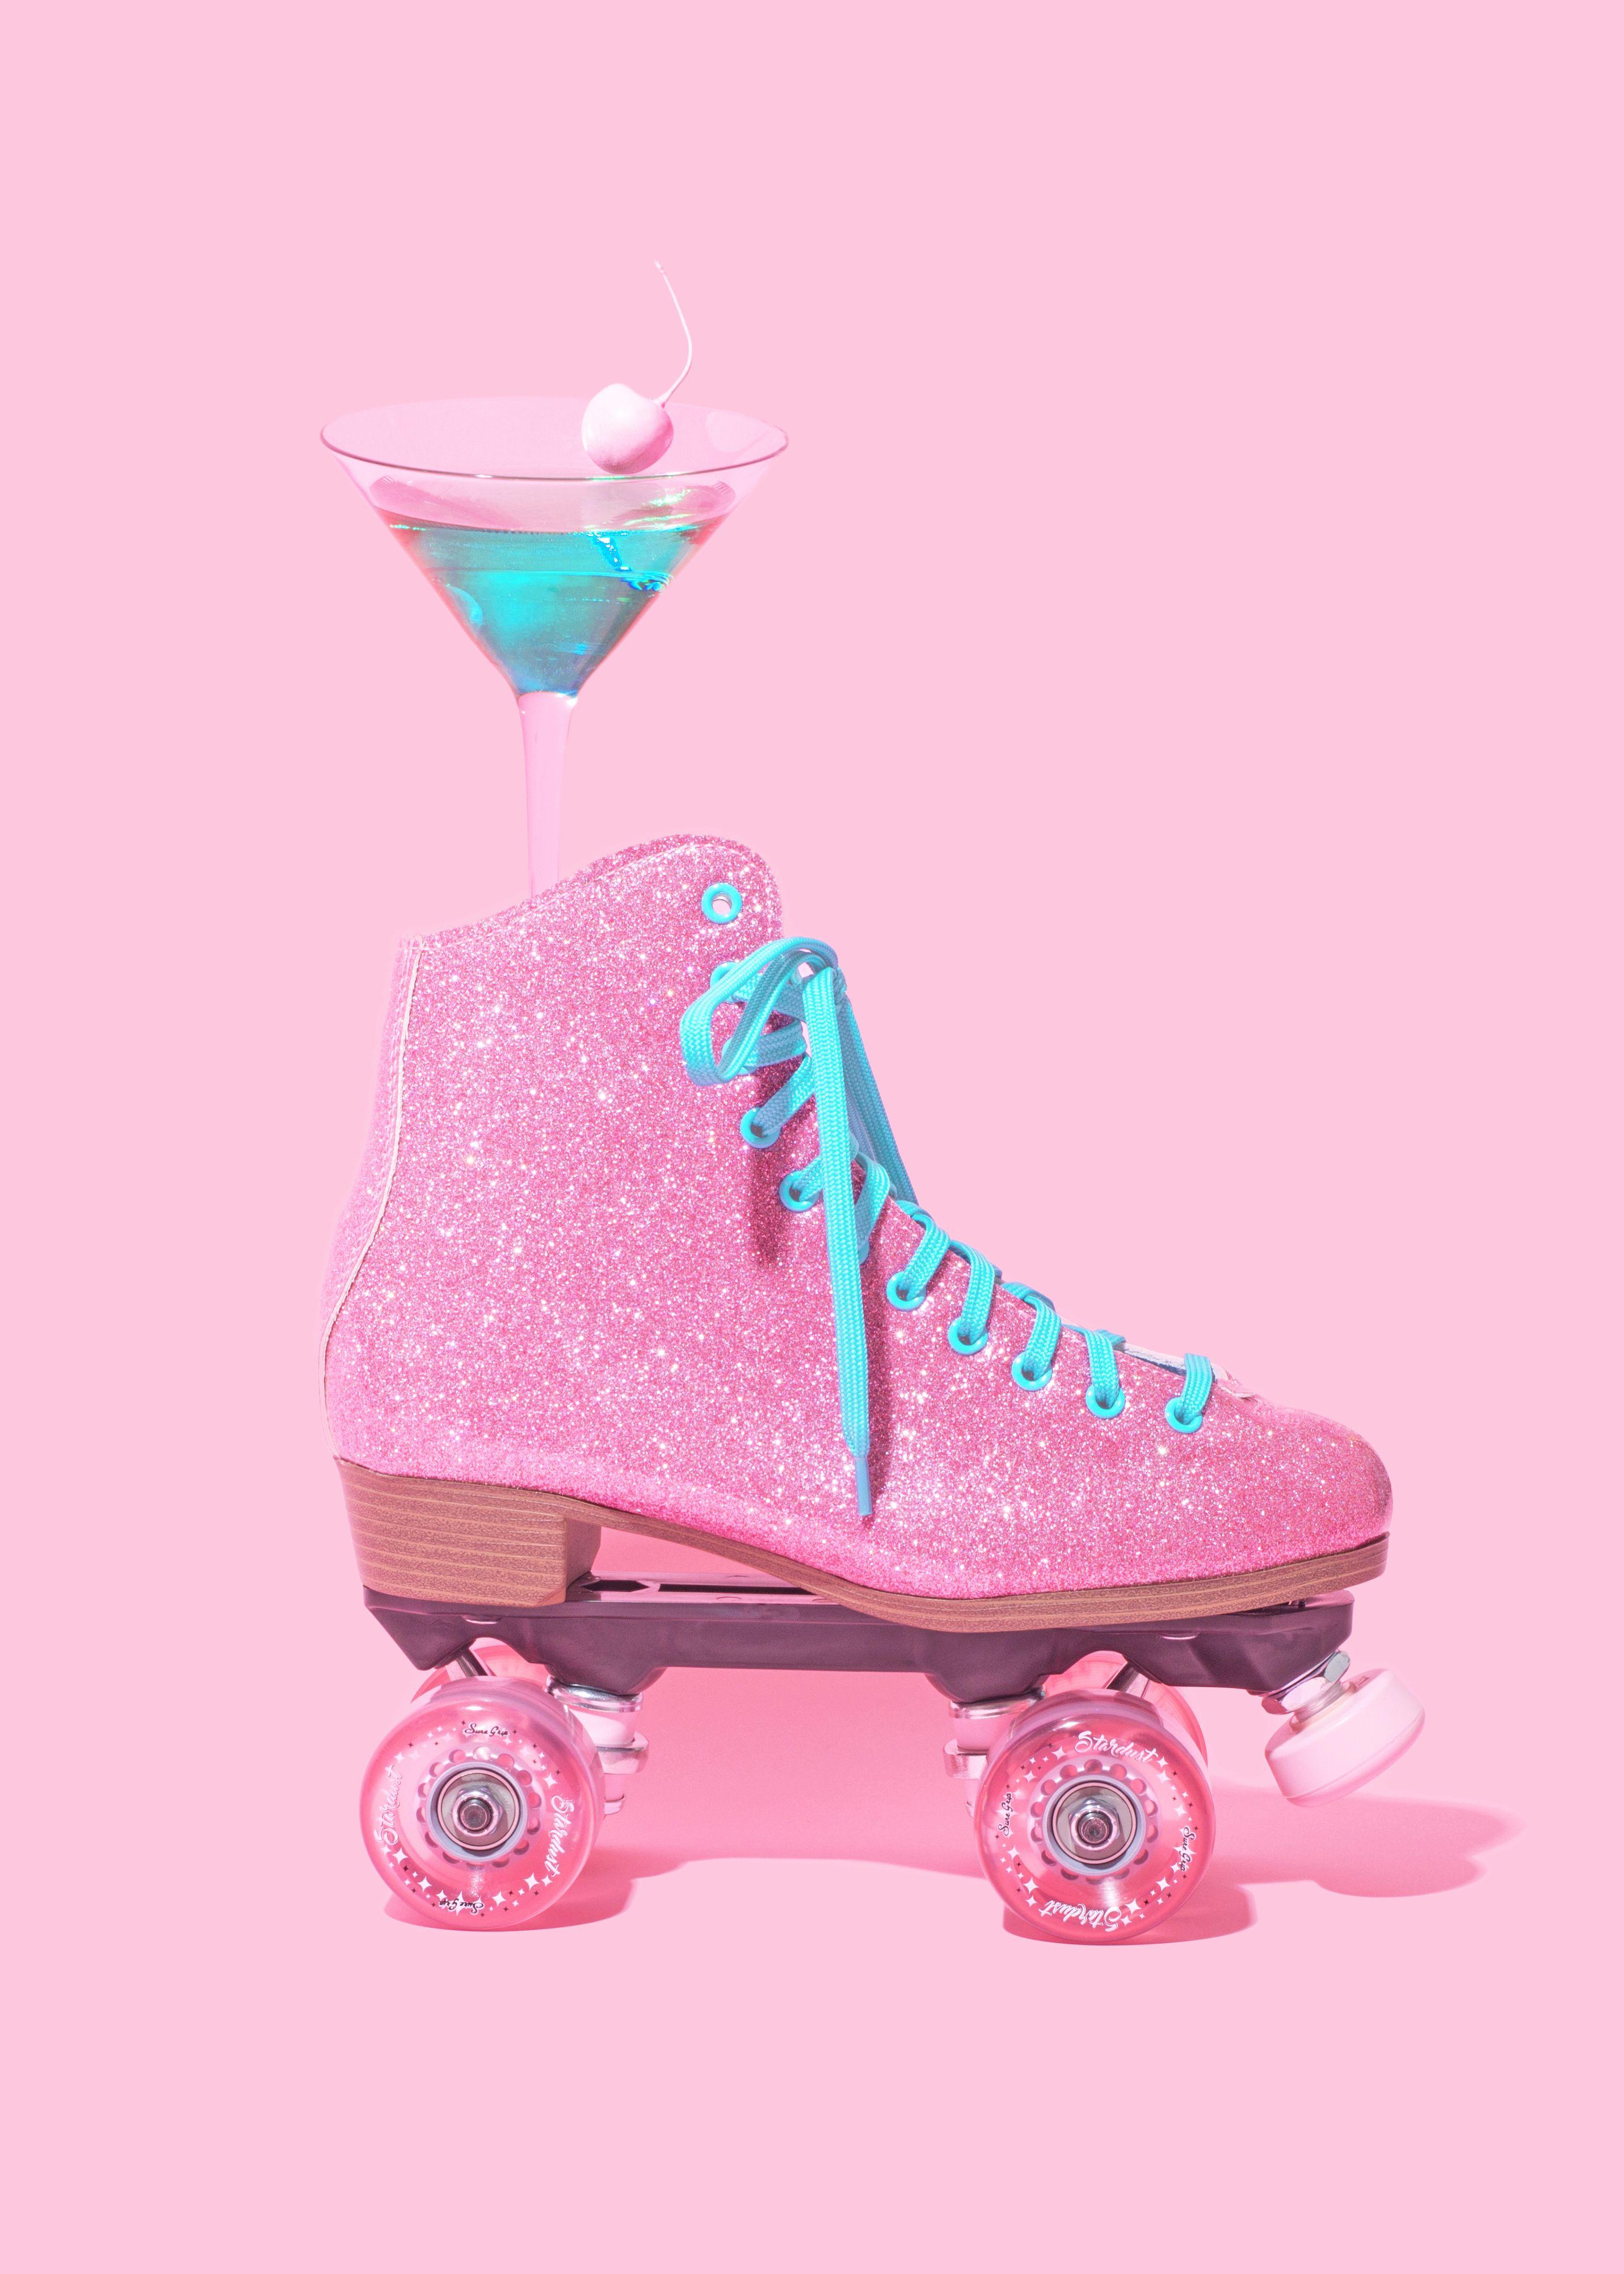 Aesthetic Roller Skates Wallpaper